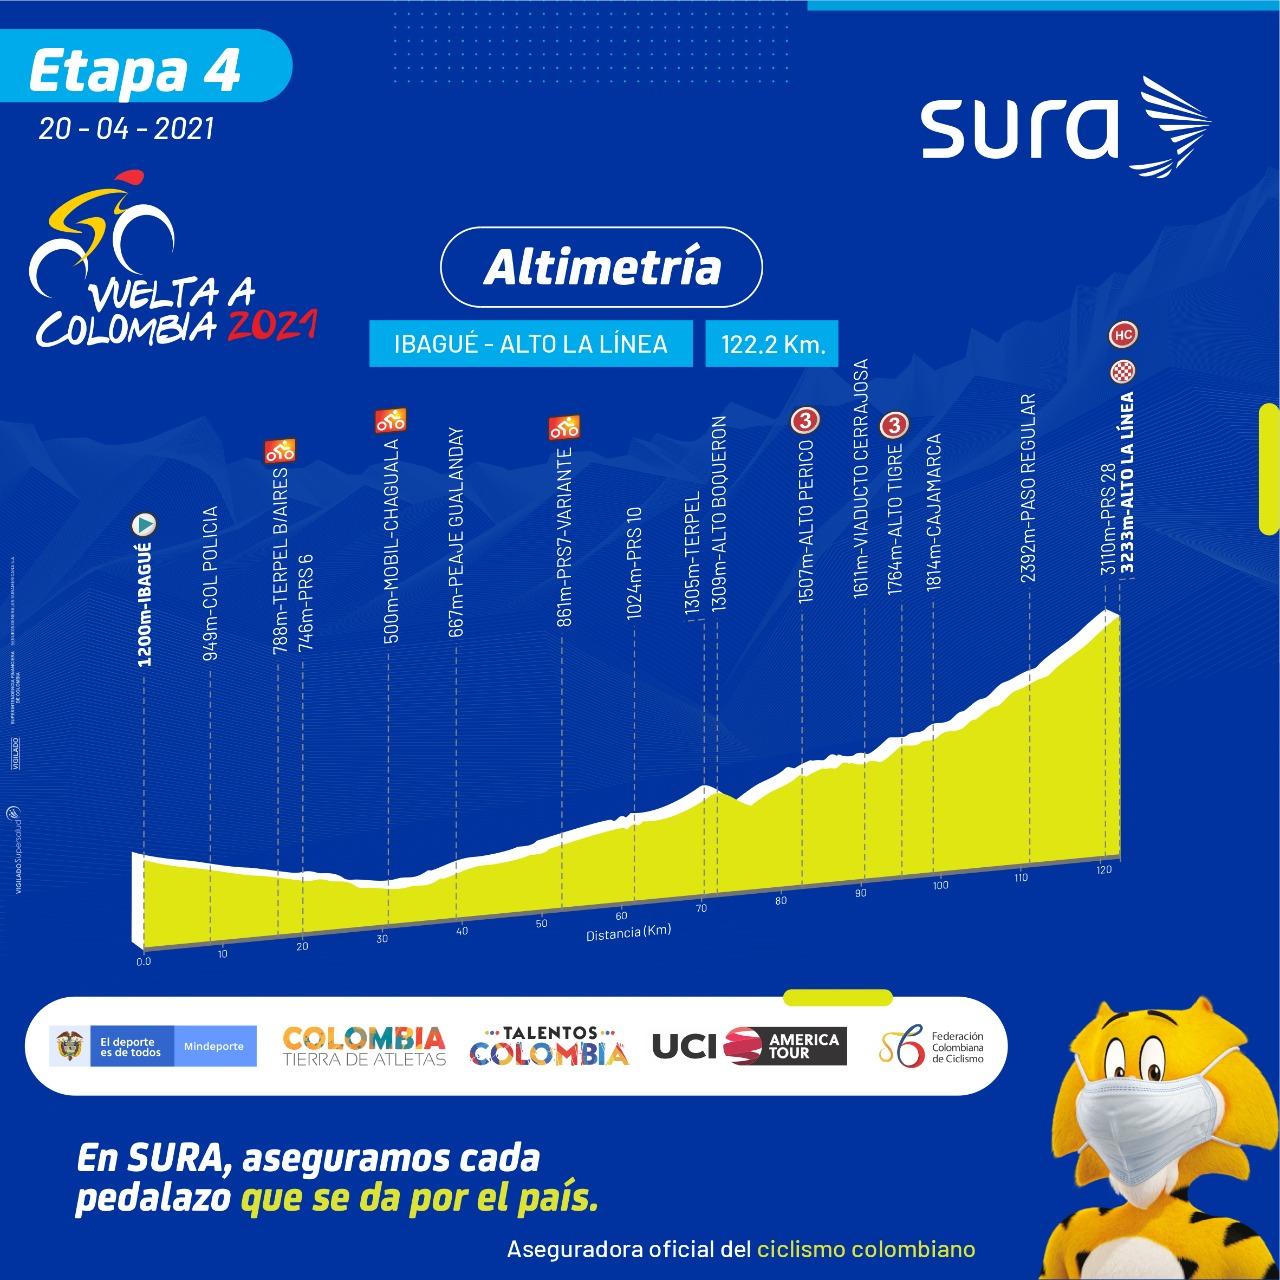 Etapa 4 Vuelta a Colombia 2021